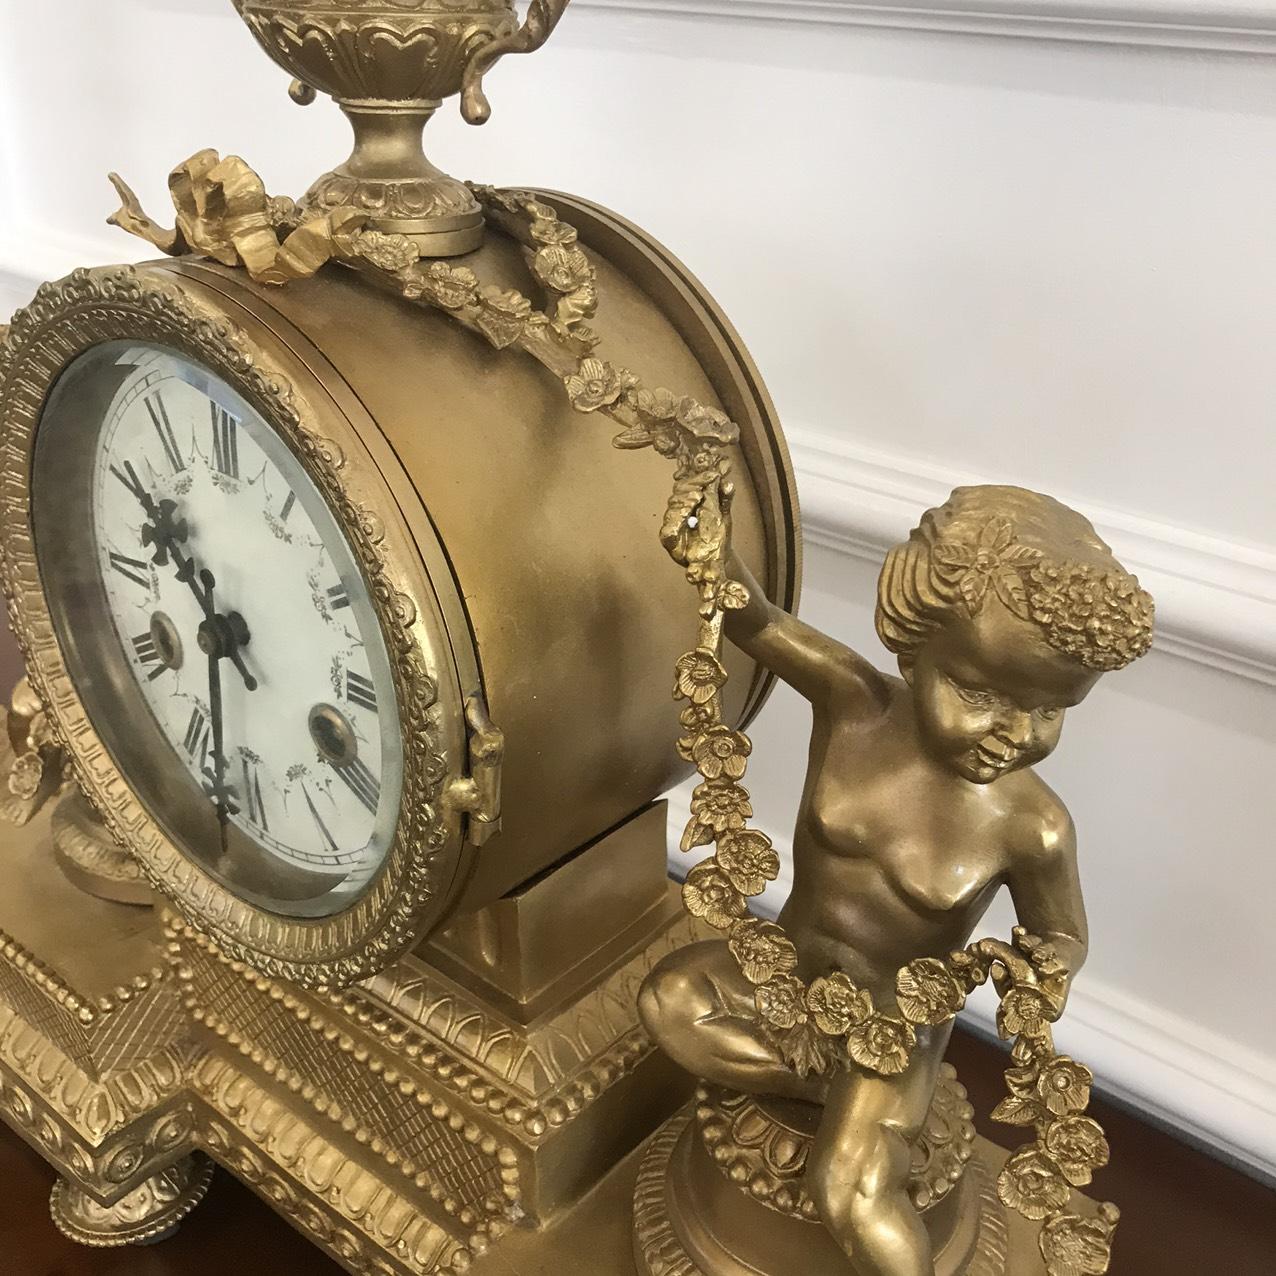 Bộ đồng hồ và cặp chân nến thiên thần mang phong cách Châu Âu chất liệu thuần đồng